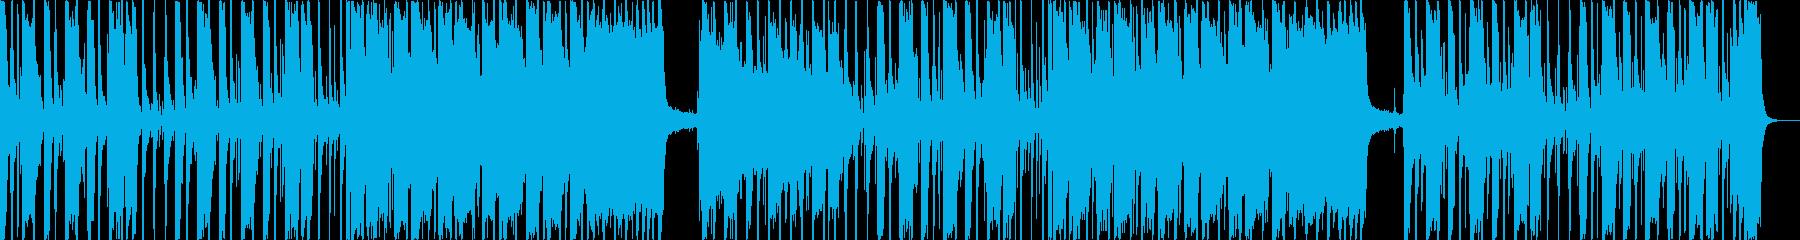 重低音がメリハリあるメロディーの再生済みの波形